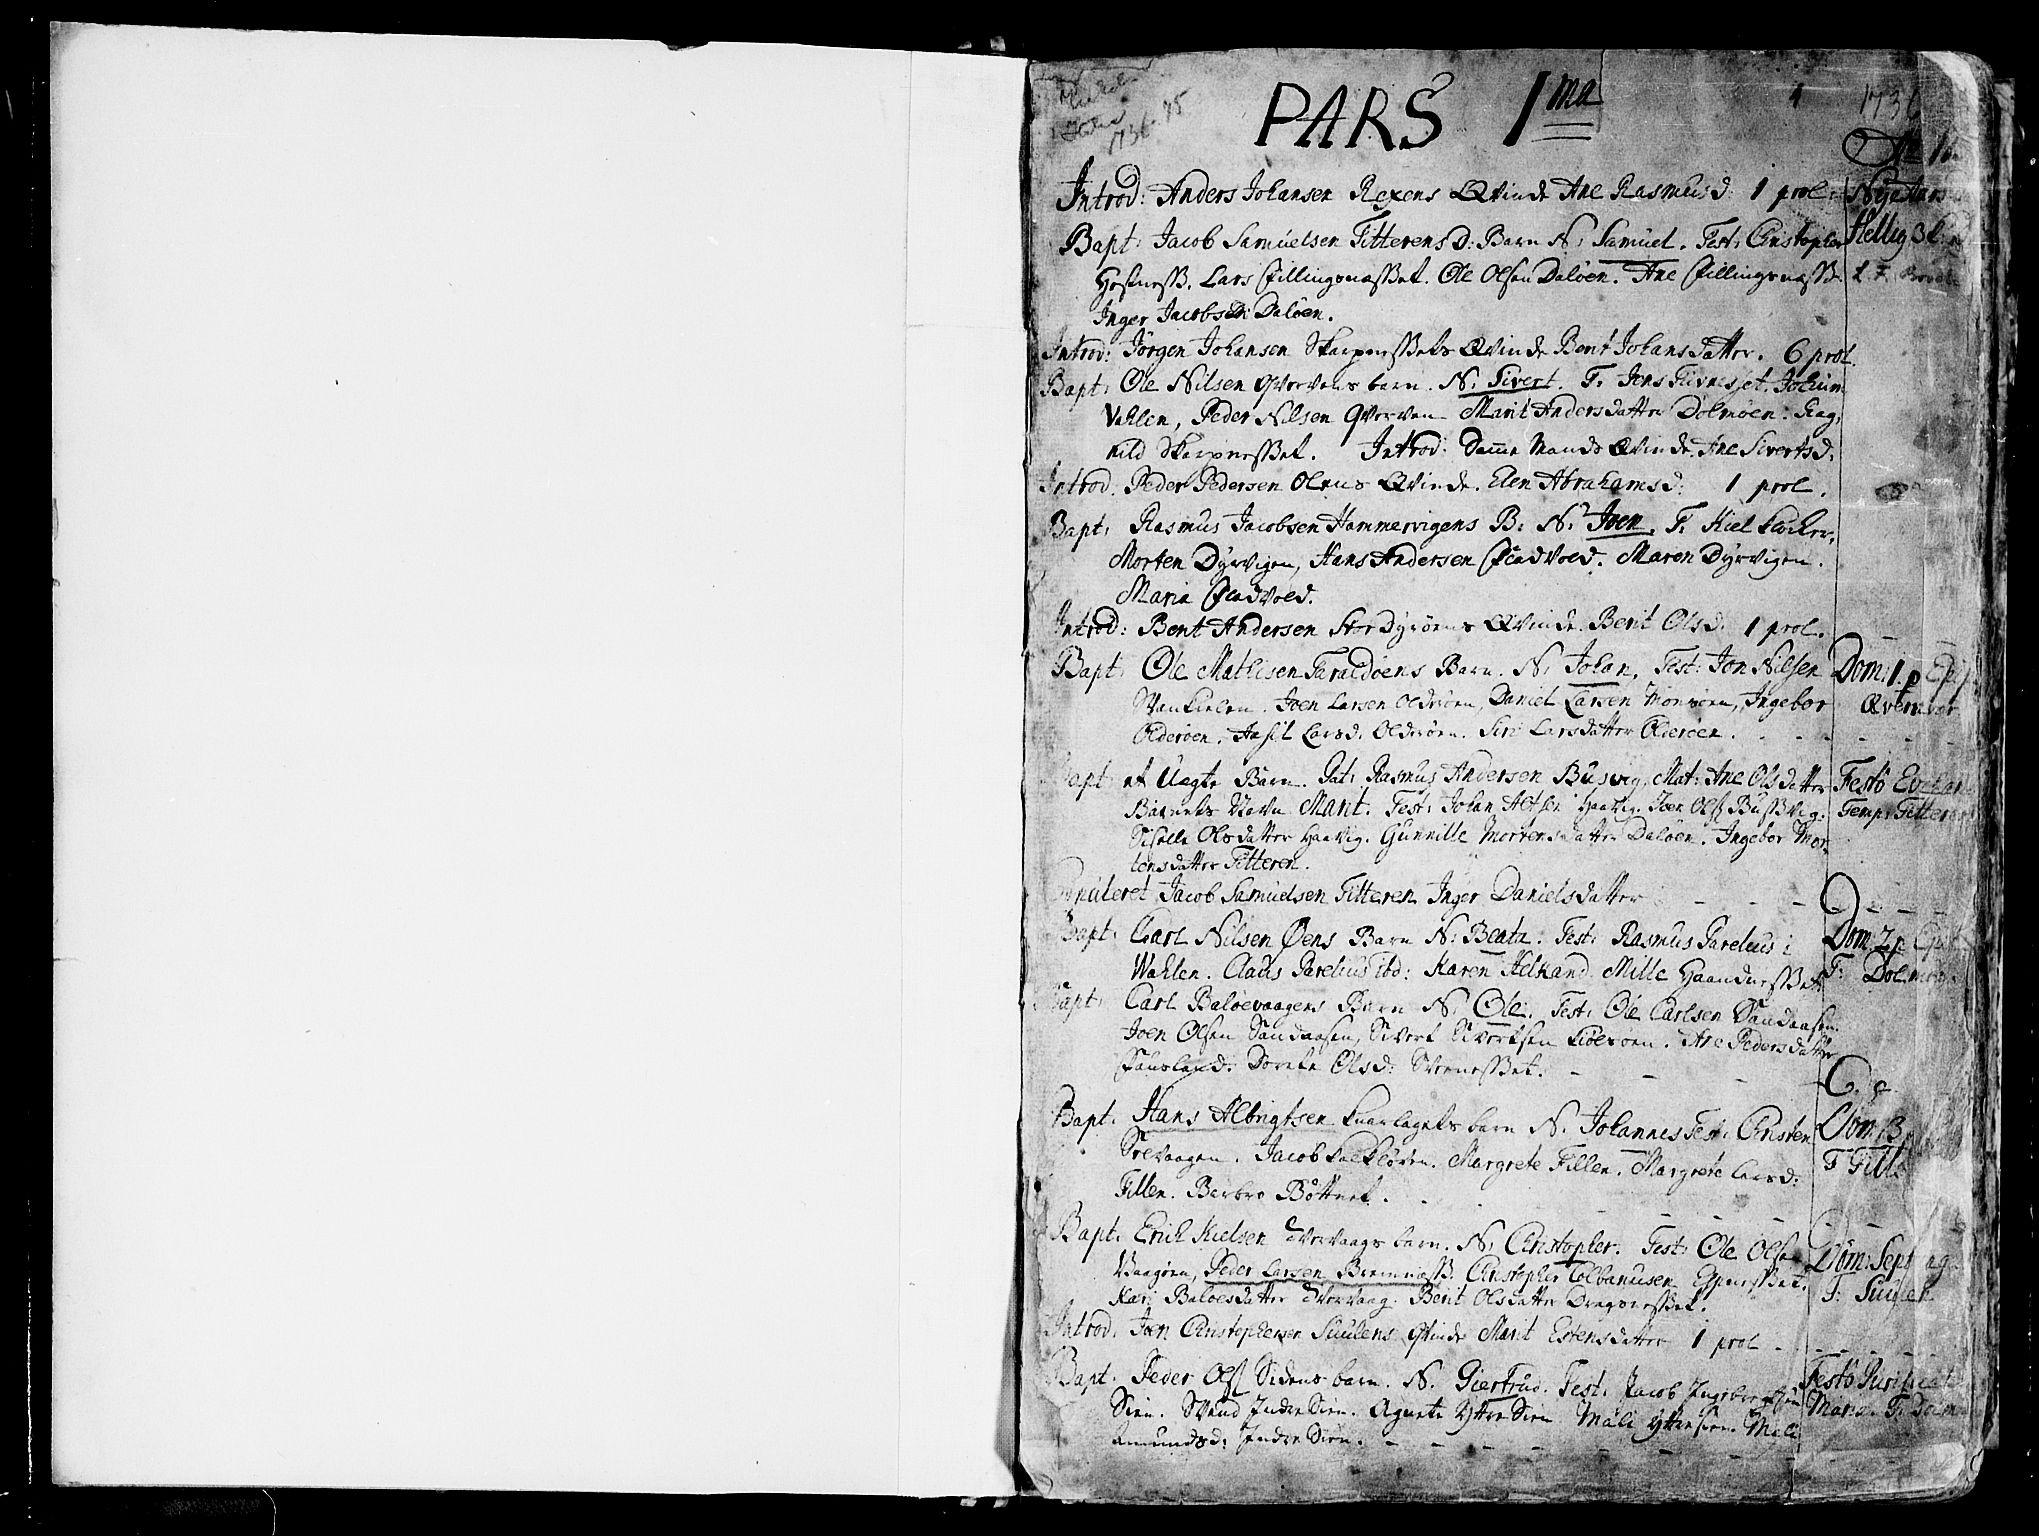 SAT, Ministerialprotokoller, klokkerbøker og fødselsregistre - Sør-Trøndelag, 634/L0525: Ministerialbok nr. 634A01, 1736-1775, s. 1